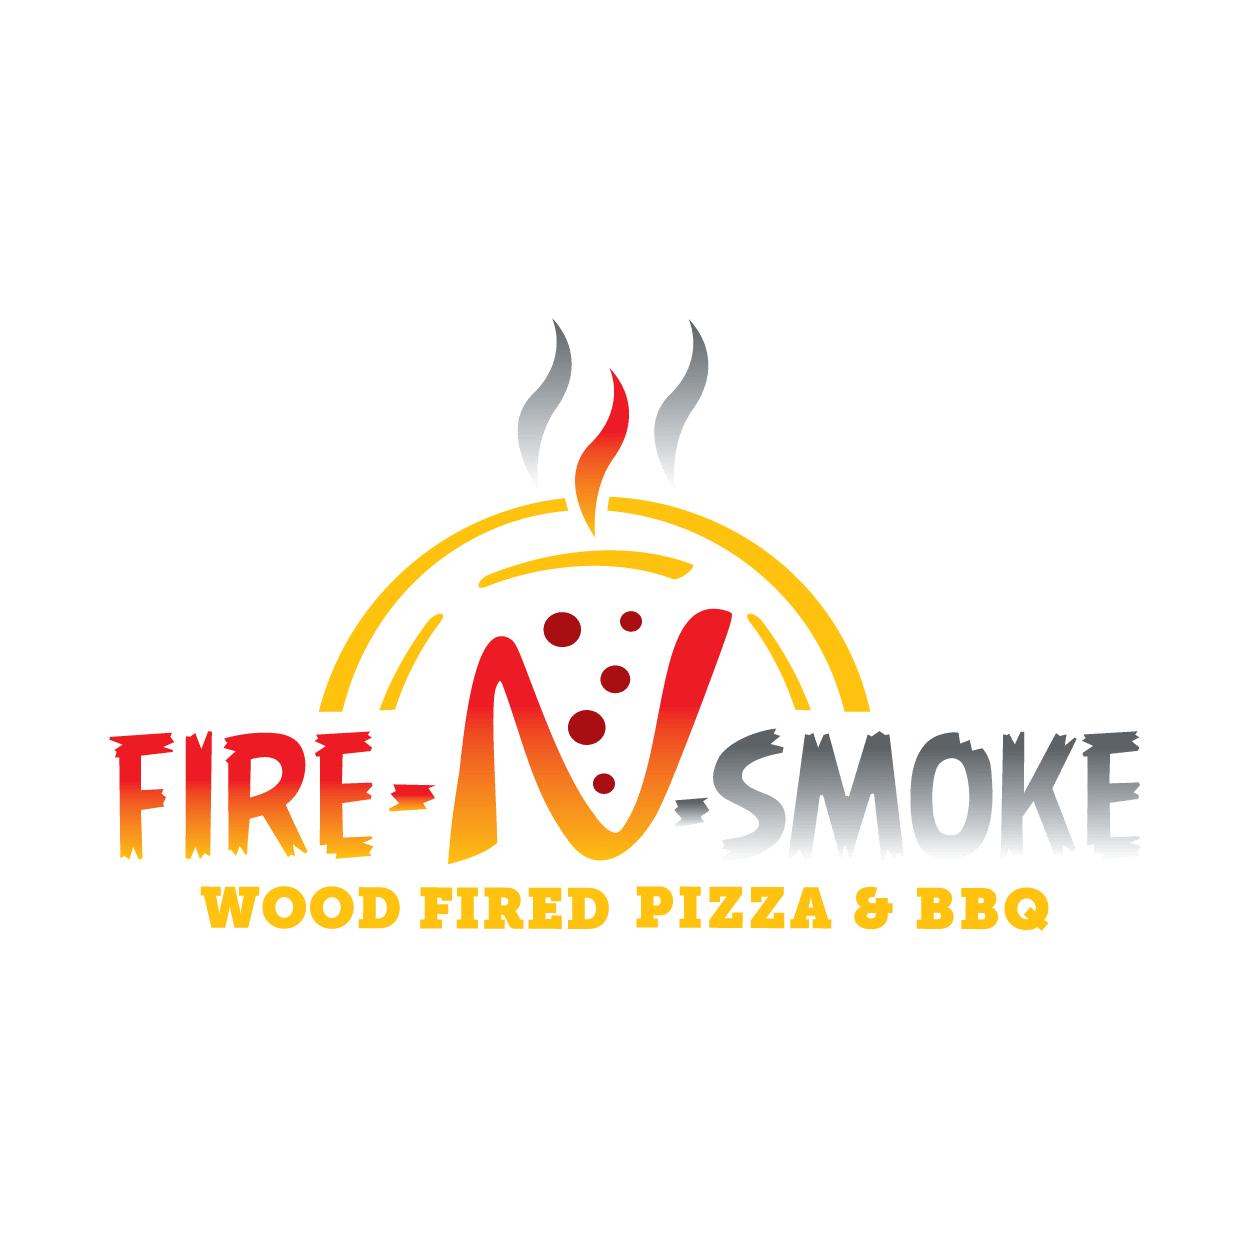 Fire N' Smoke Wood Fired Pizza & BBQ